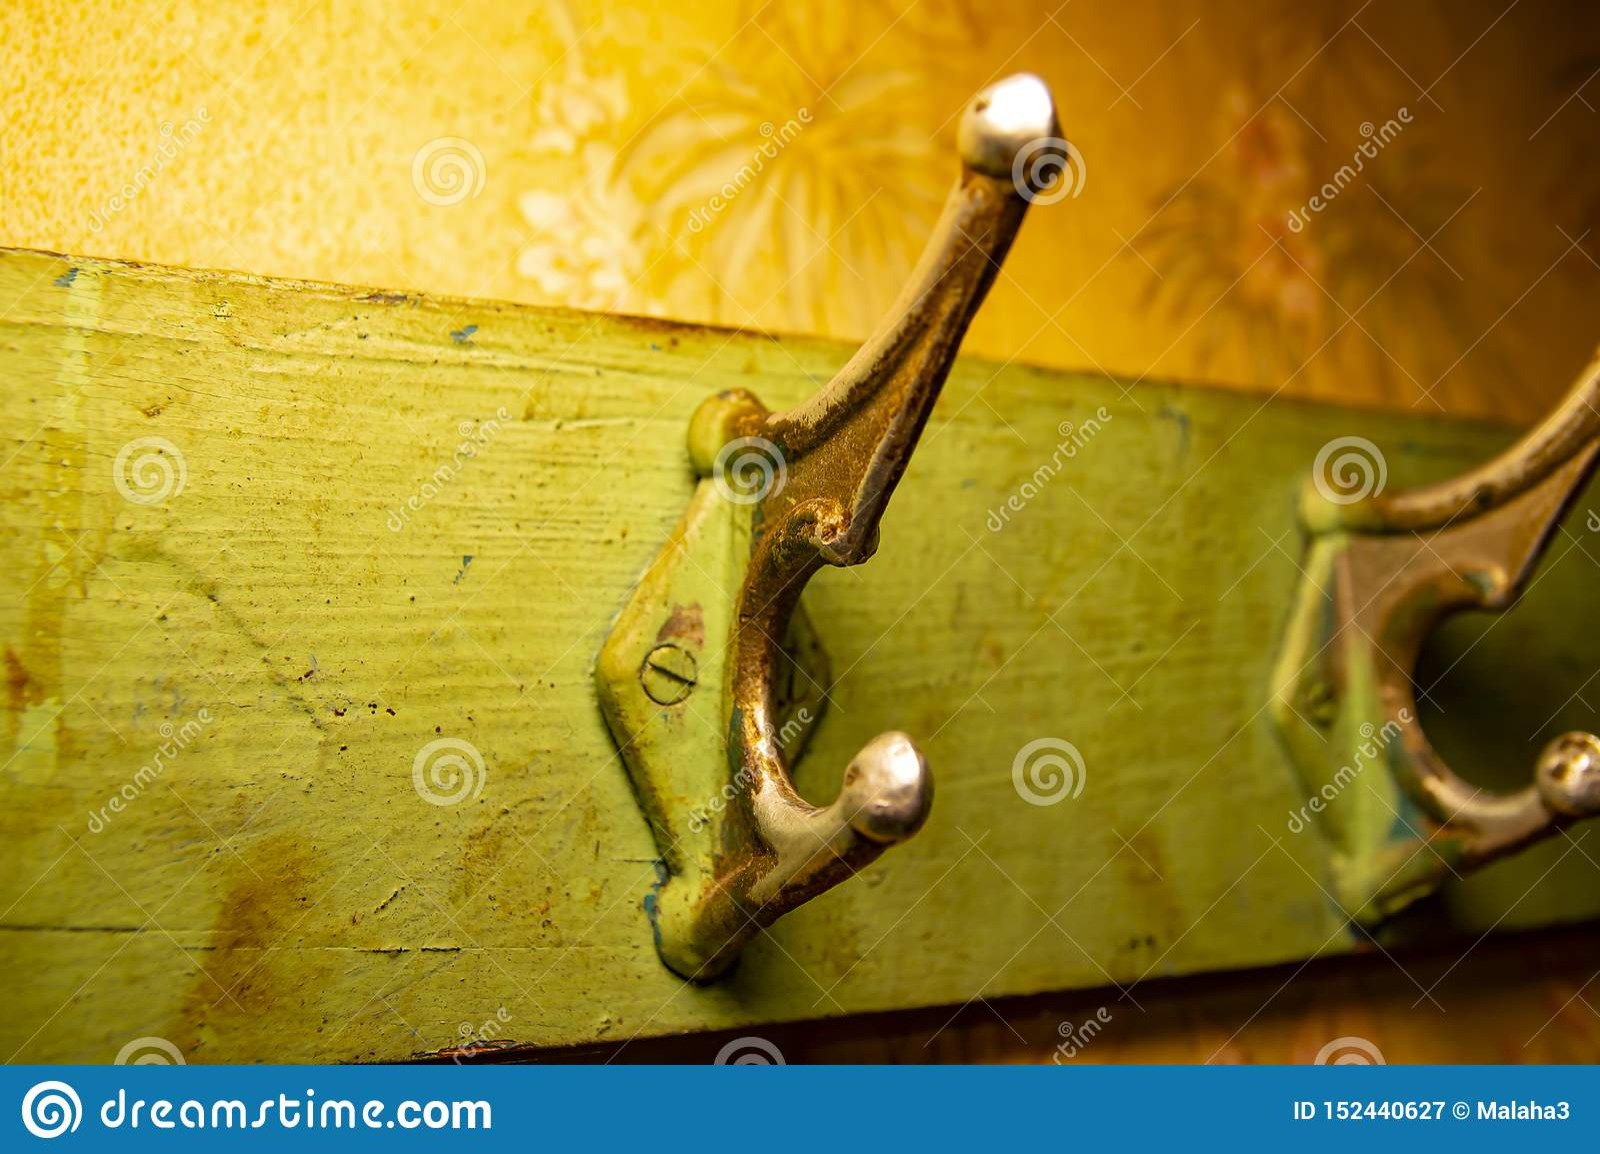 Suspensión de gancho vieja de la capa para la ropa en el tablero de madera